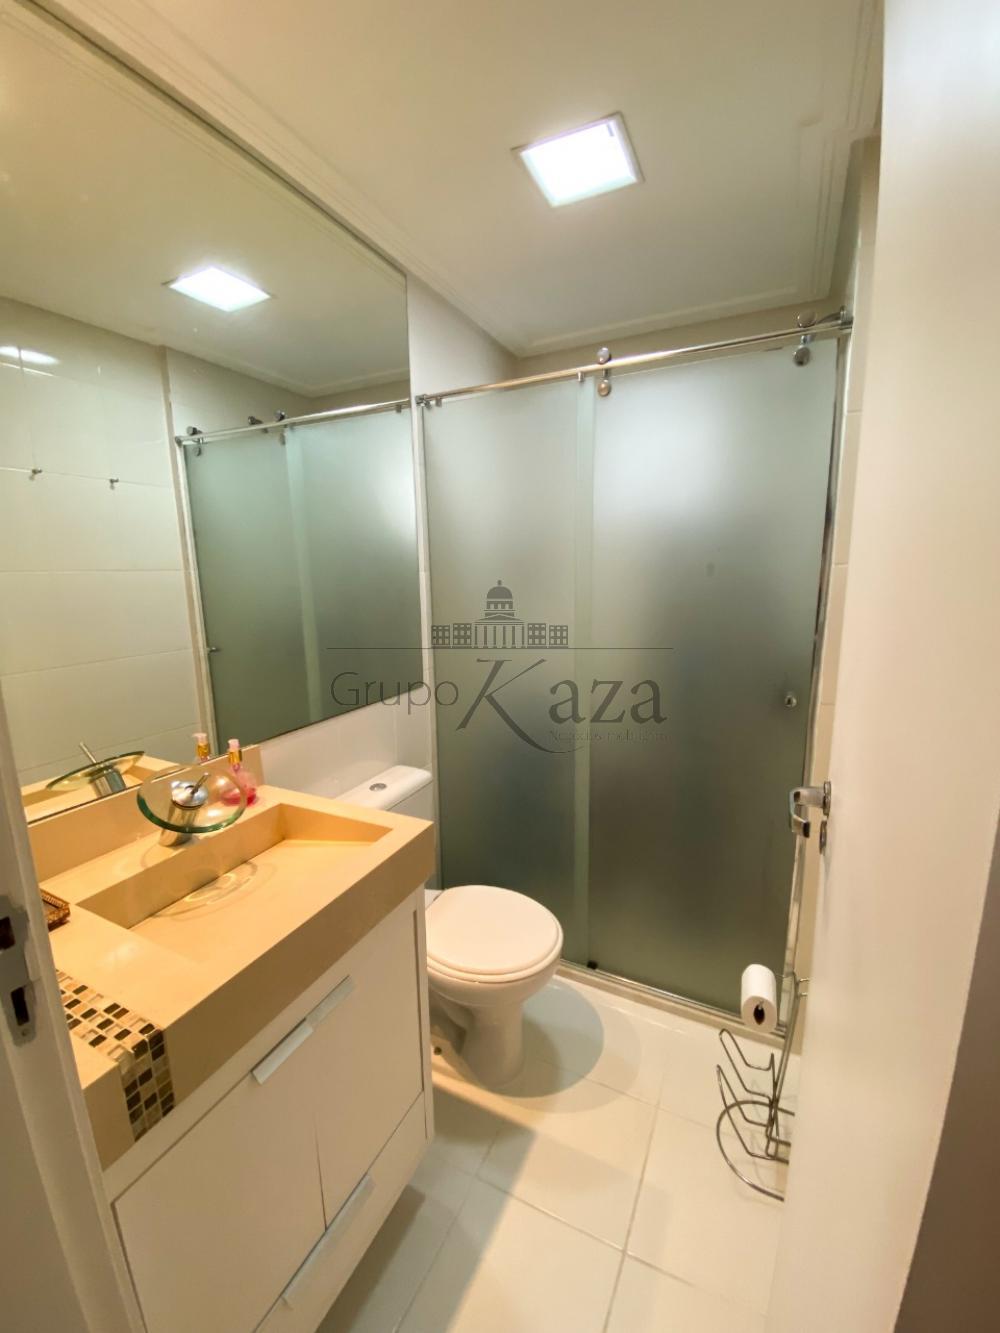 Comprar Apartamento / Padrão em São José dos Campos R$ 650.000,00 - Foto 11